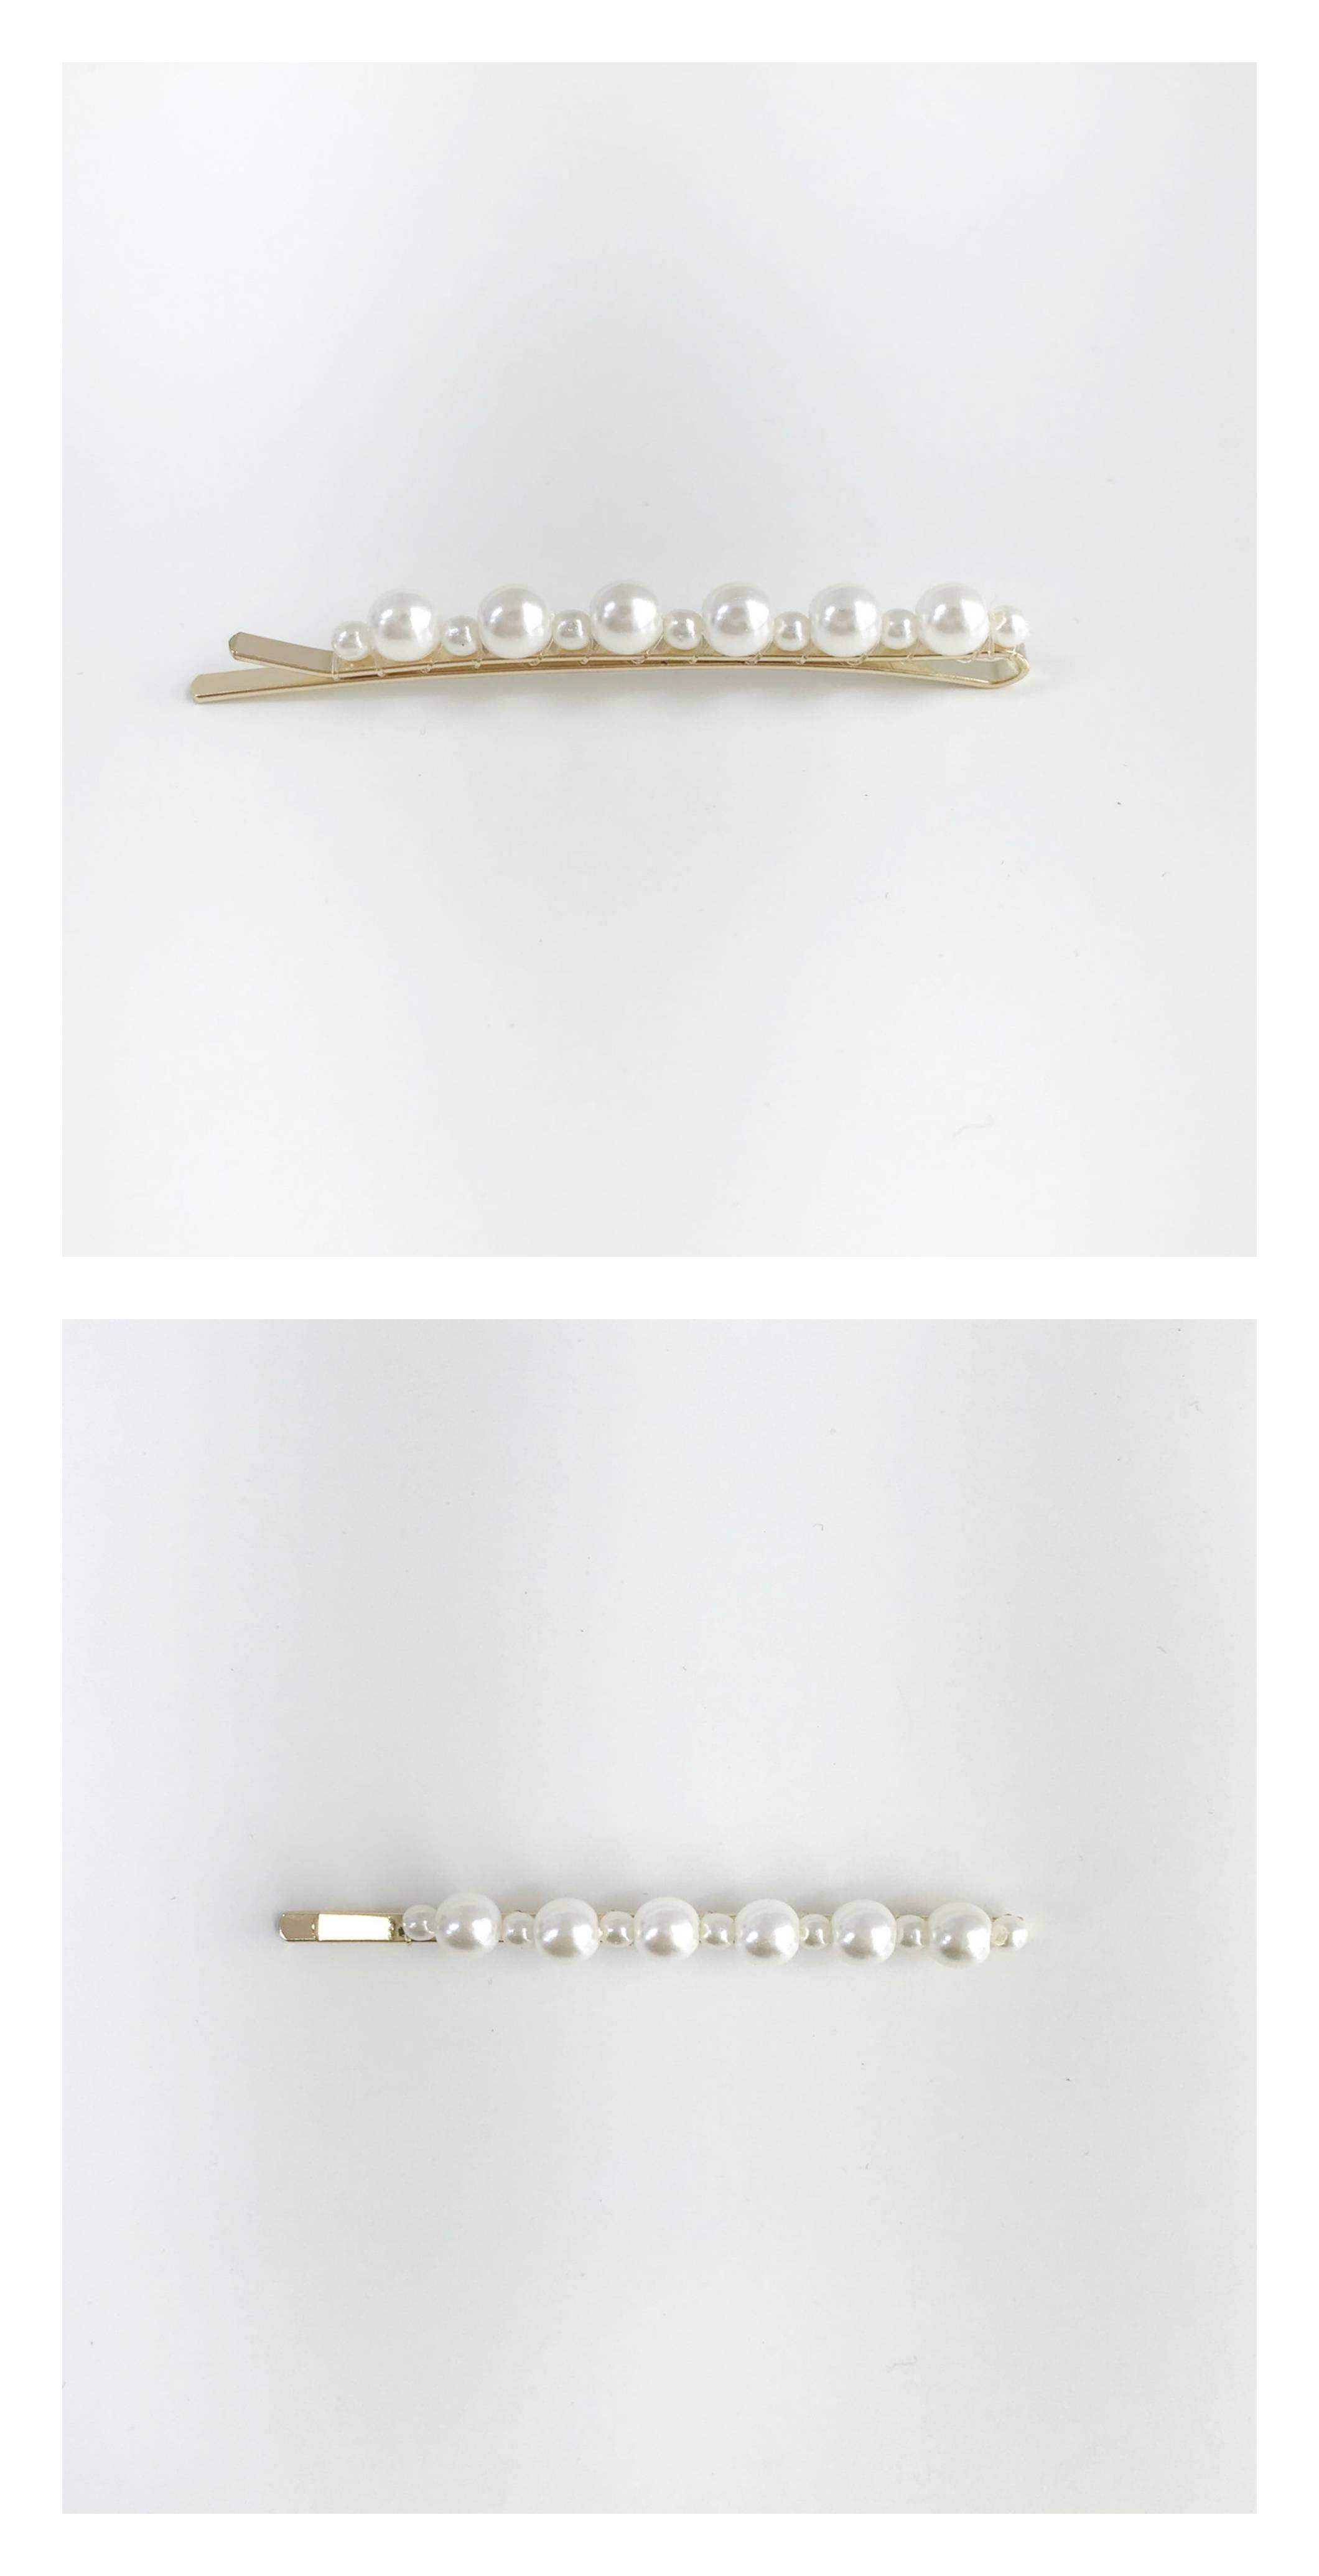 진주 실핀 - 포이스튜디오, 3,000원, 헤어핀/밴드/끈, 헤어핀/끈